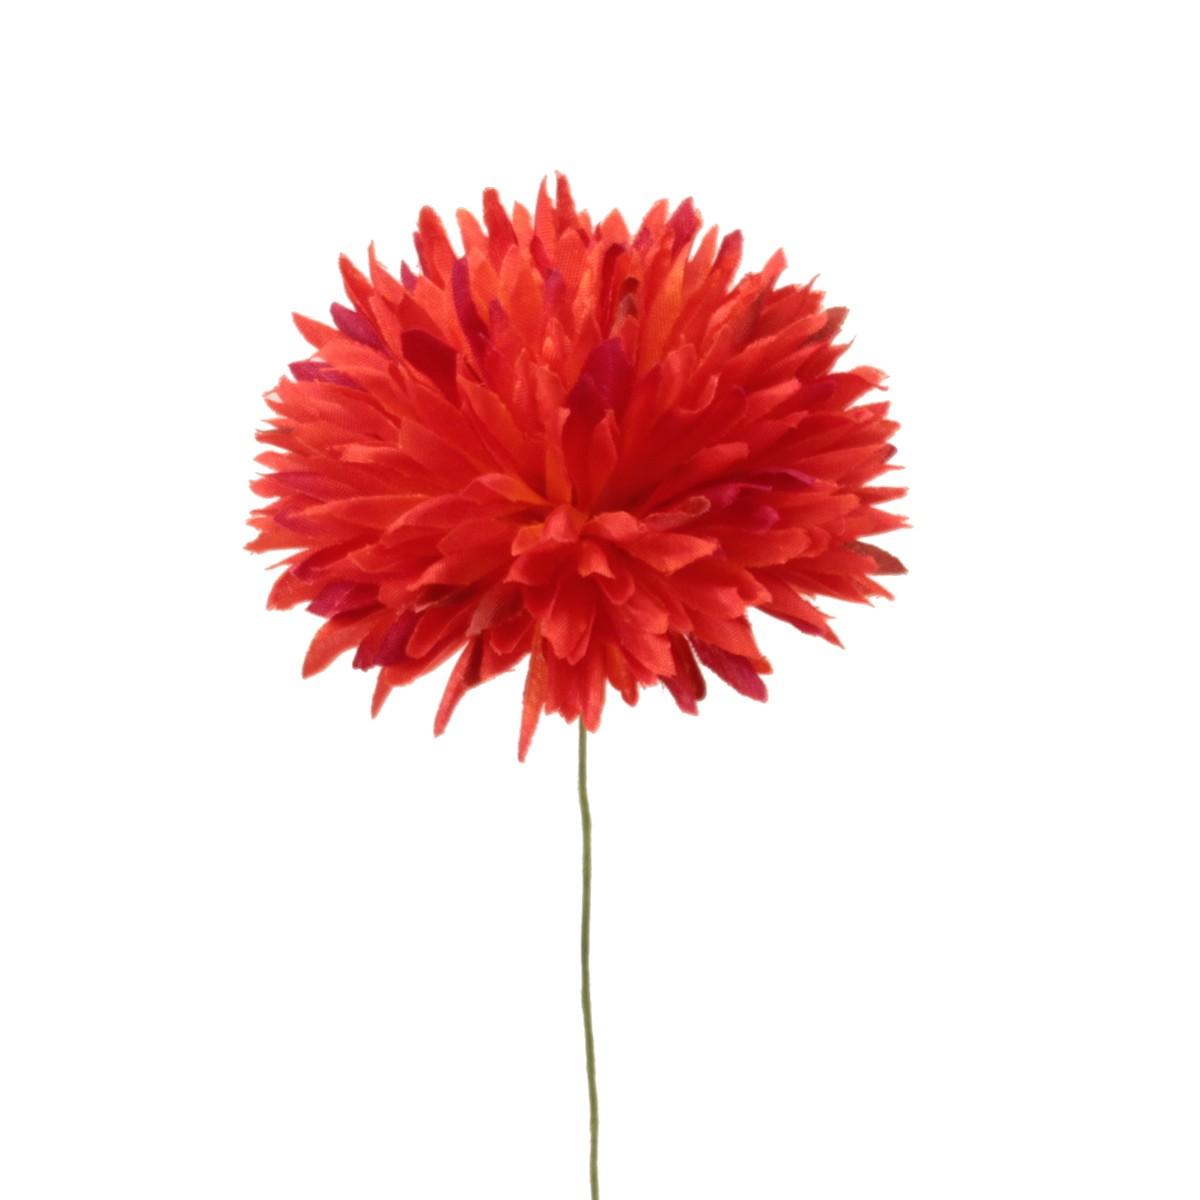 即日★【造花】パレ/ミニアリウムピック オレンジ 4本/P-8400-25【00】《 造花(アーティフィシャルフラワー) 造花 花材「あ行」 アリウム 》